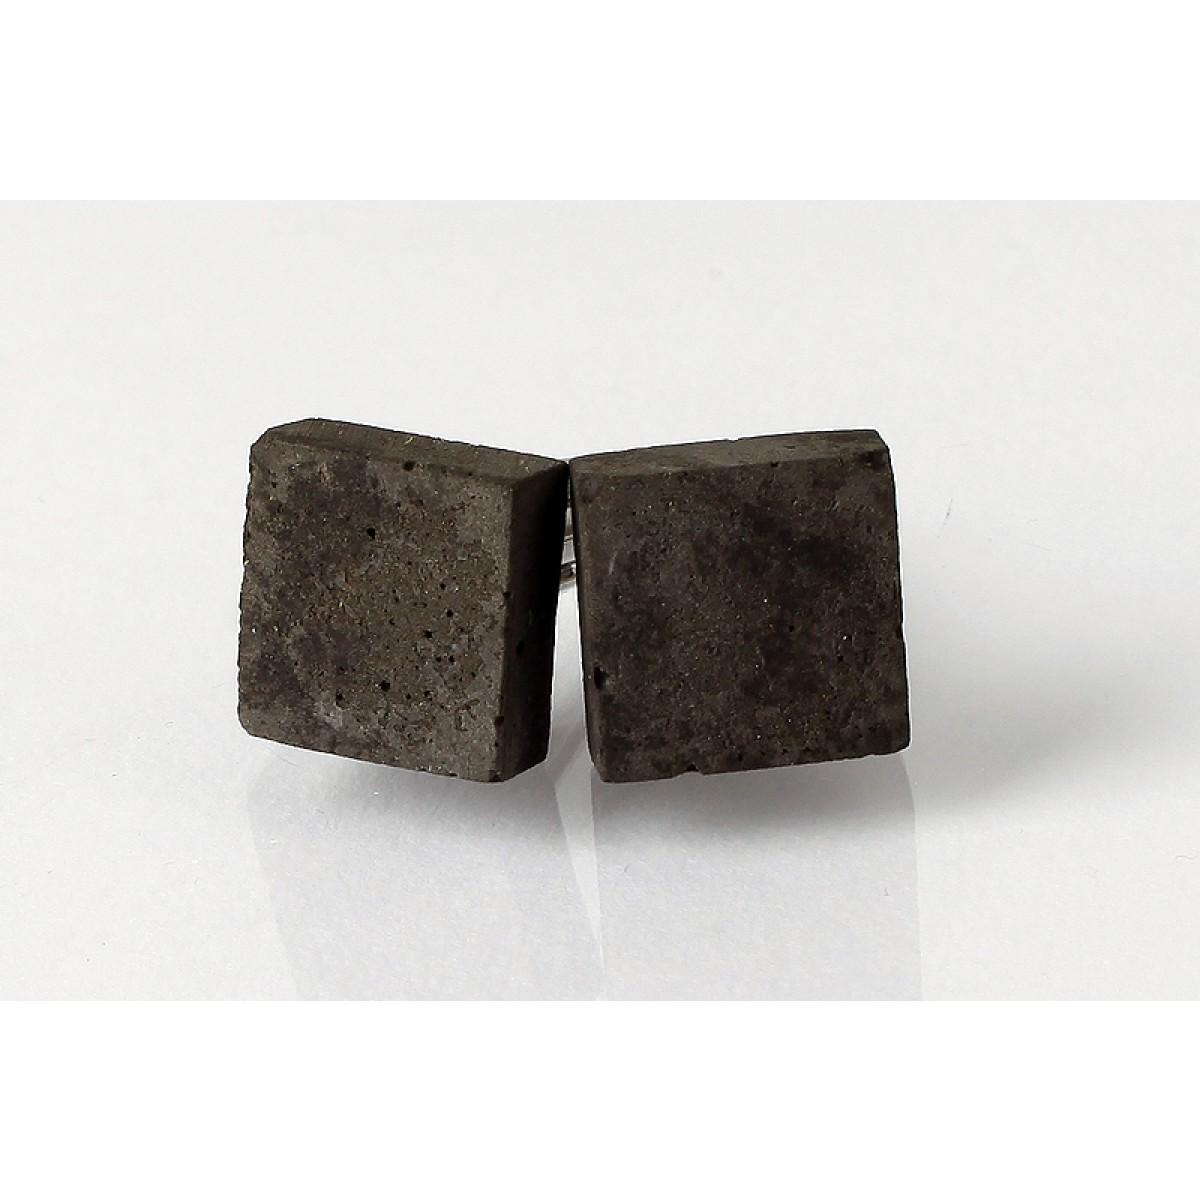 hooke | Manschettenknöpfe aus Beton